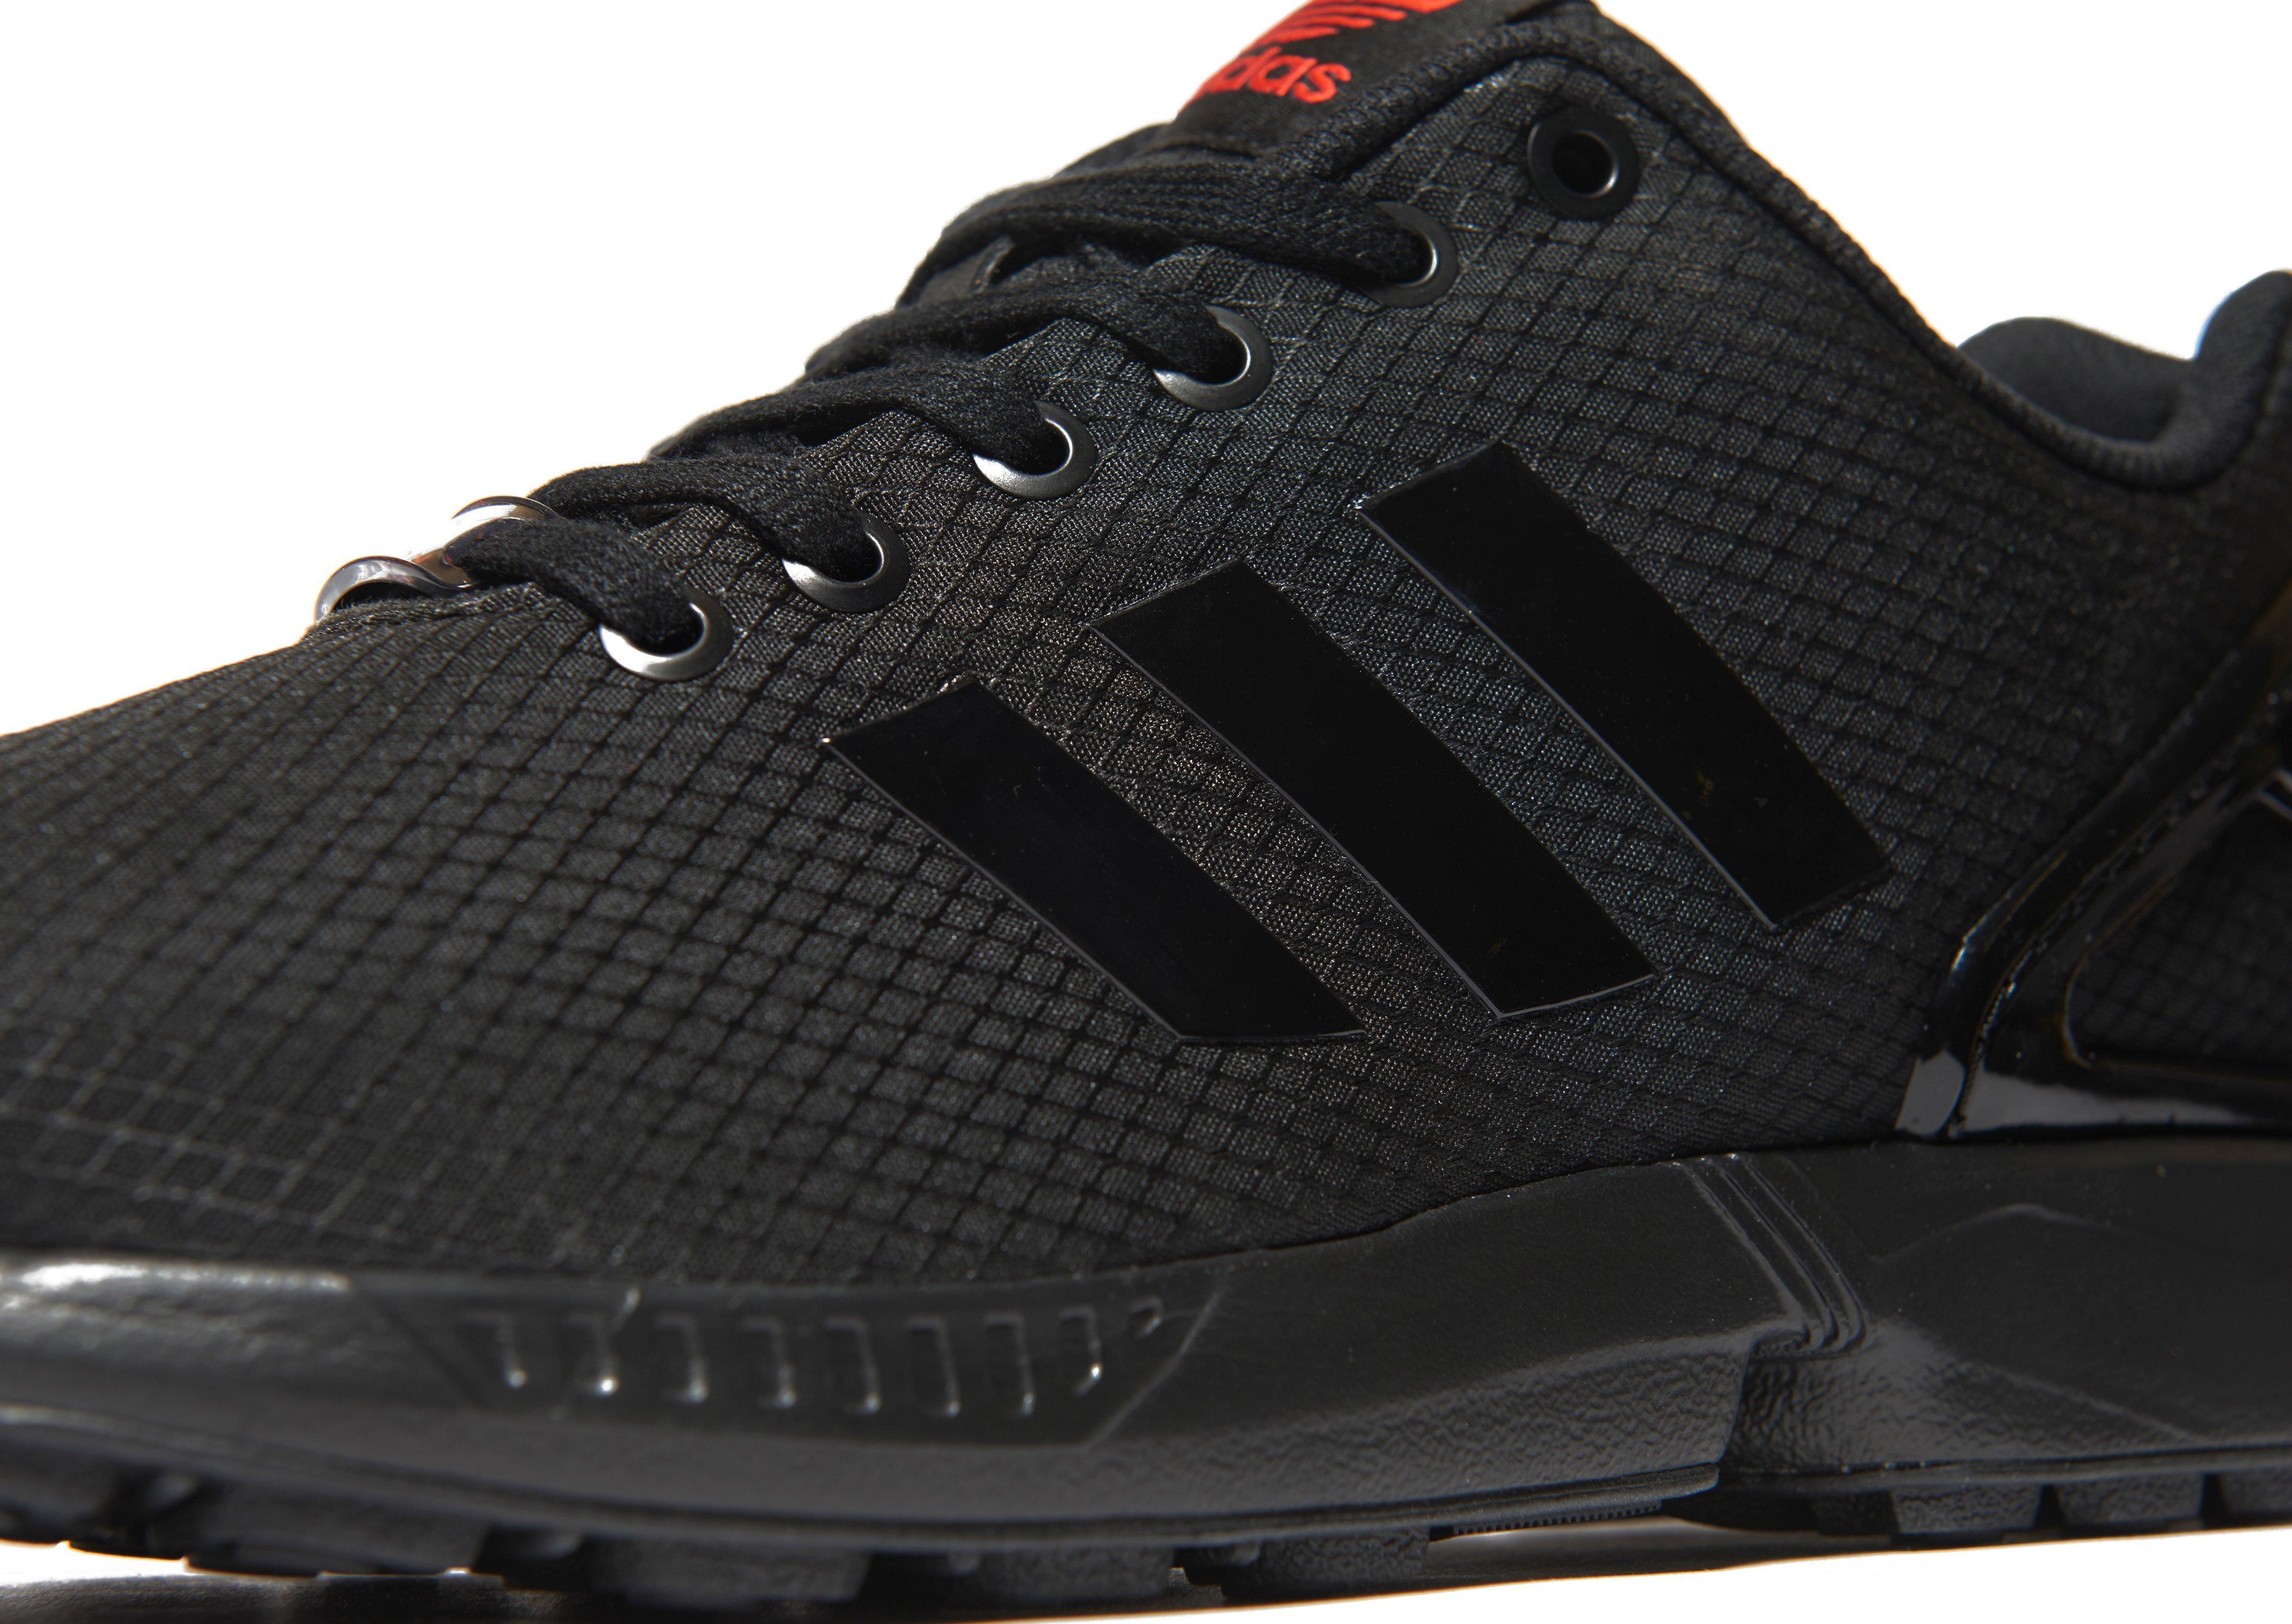 hot sale online 3a869 f52fb Adidas Originals Black Zx Flux Ripstop for men